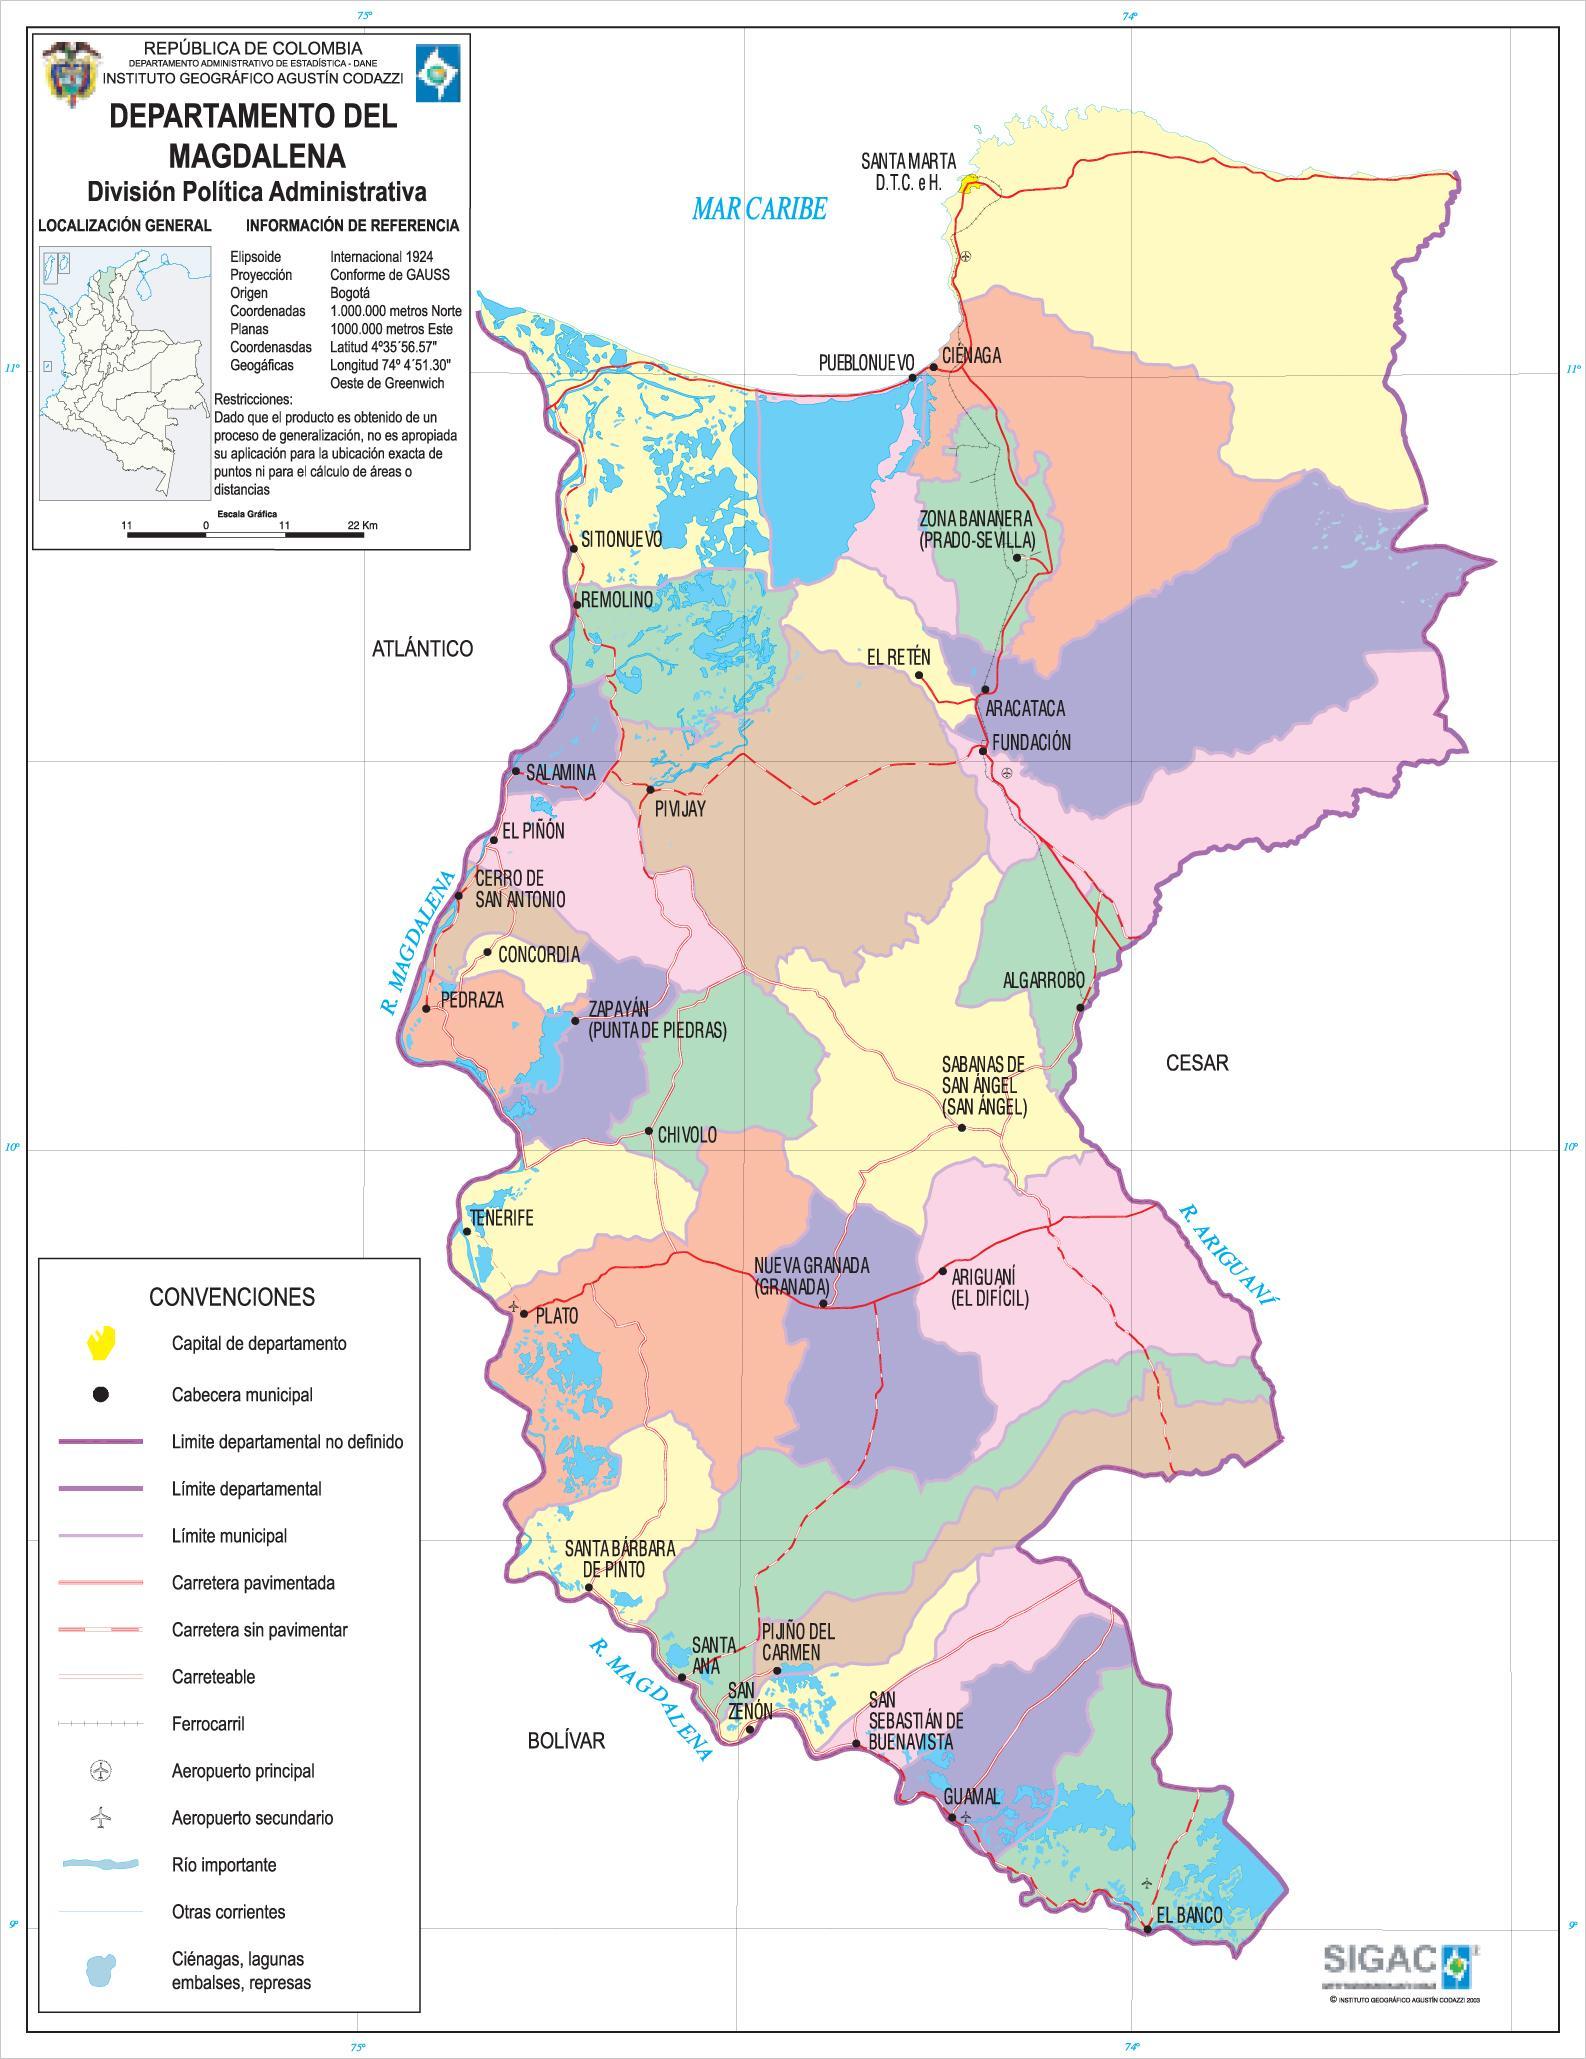 Mapa del Departamento del Magdalena, Colombia